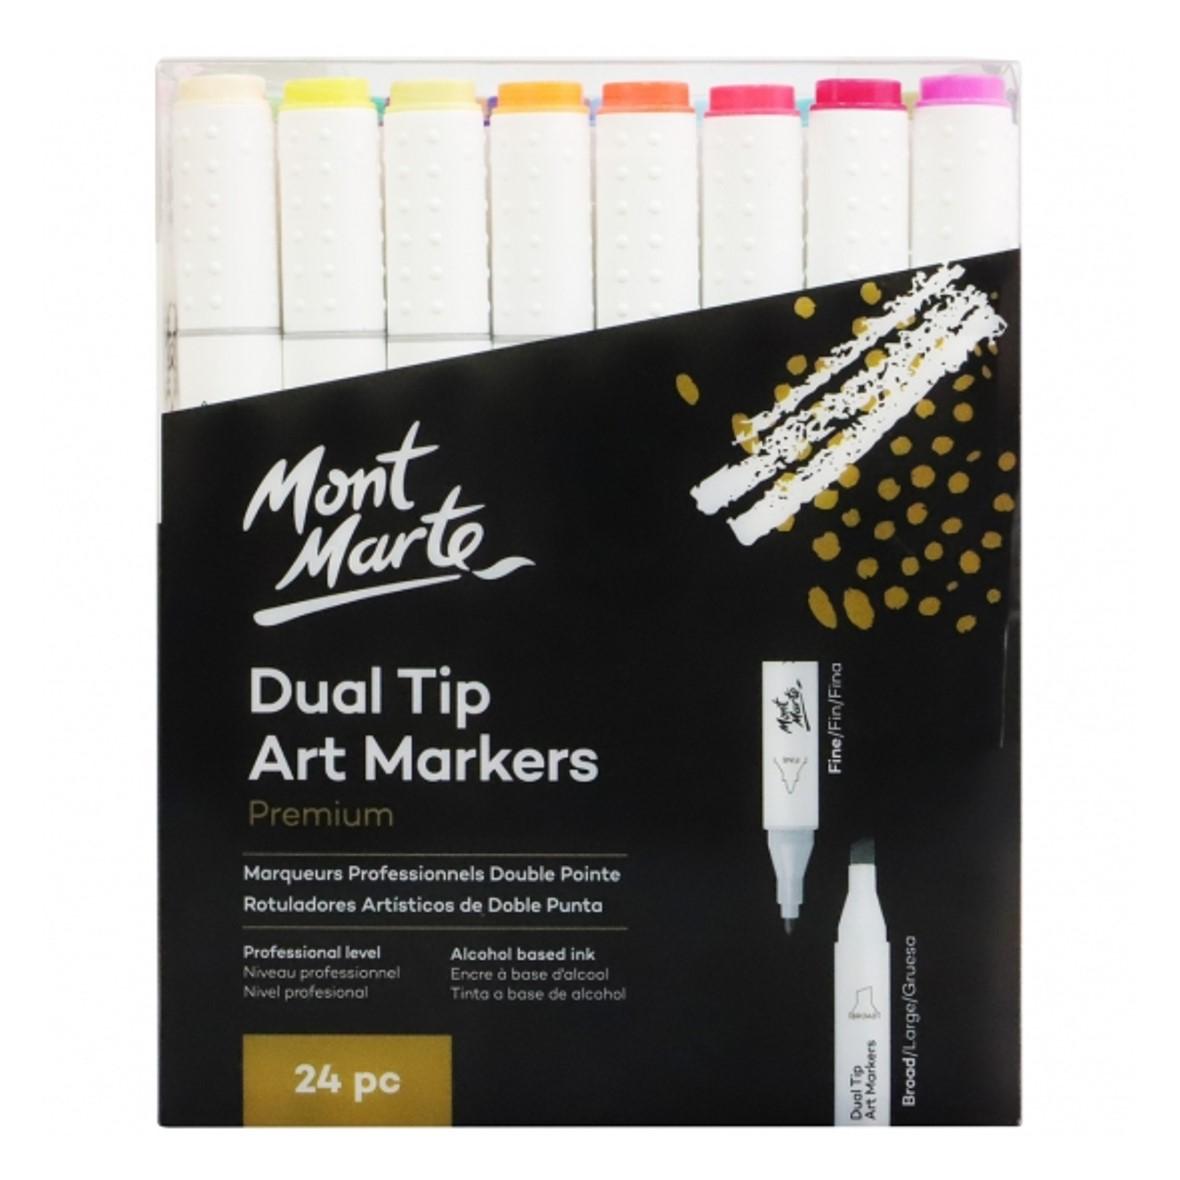 Premium Dual Tip Art Markers 24pc